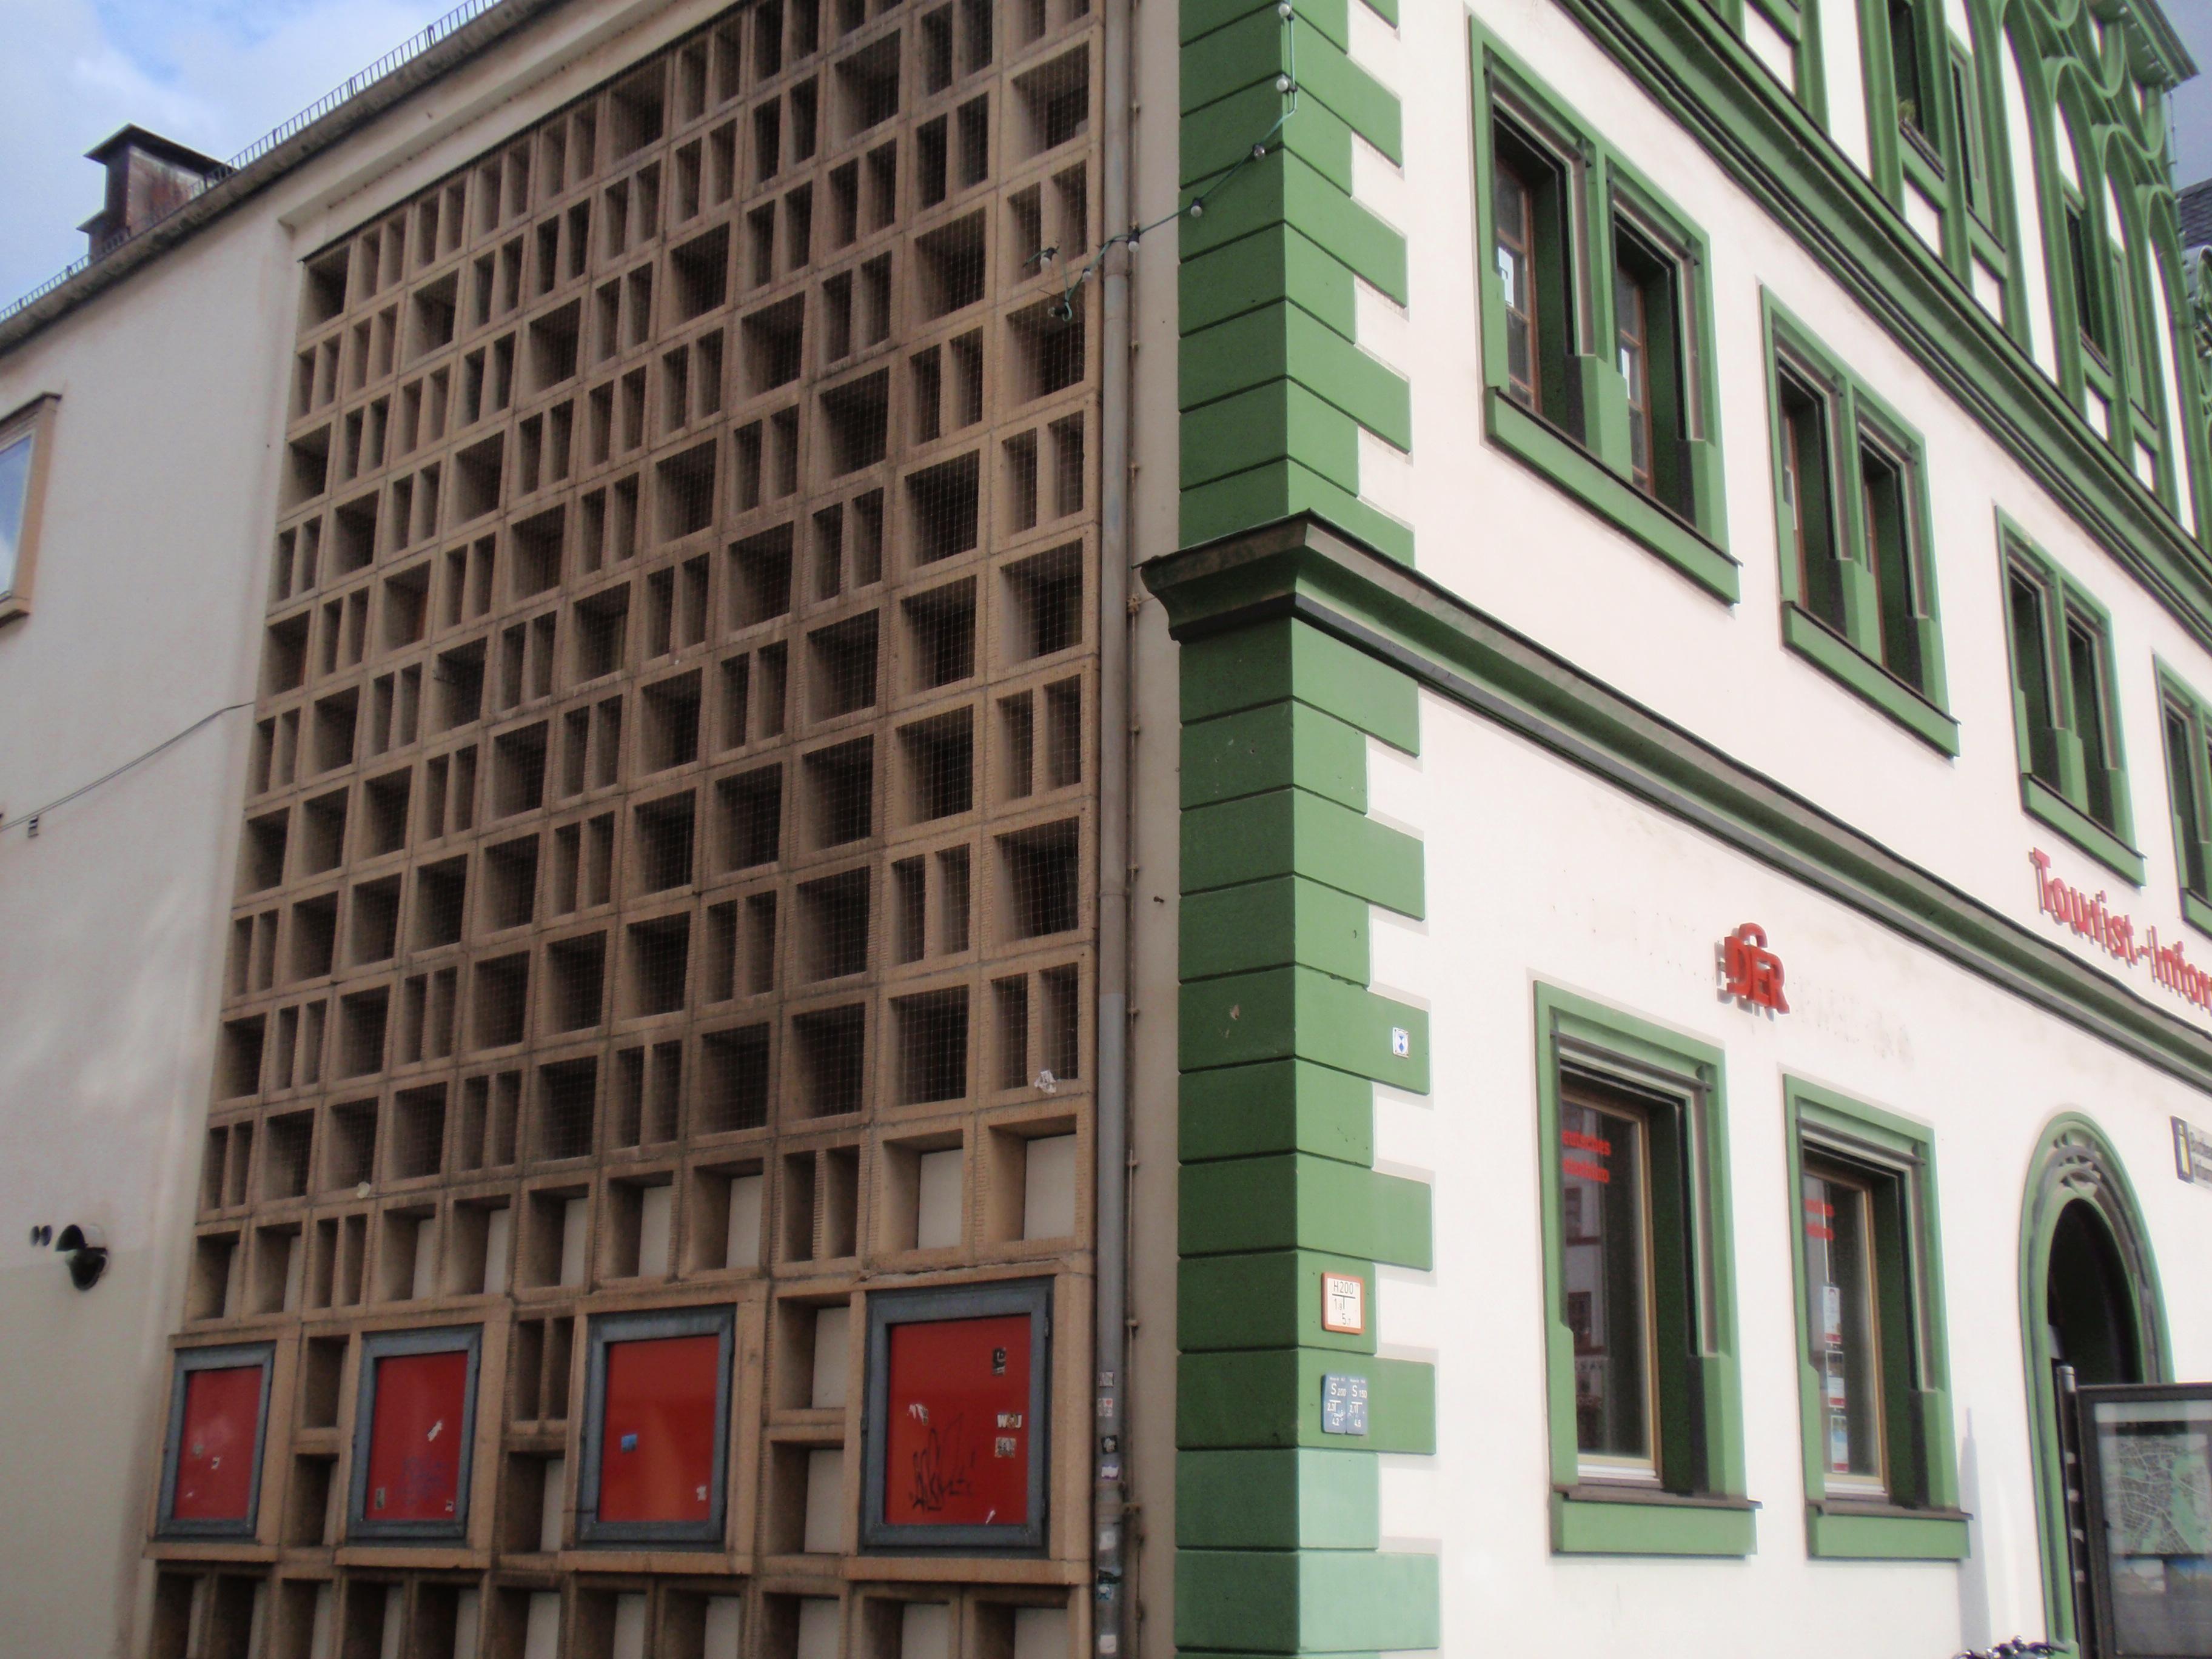 Weimarer Fassaden ein Foto von Lars Steger